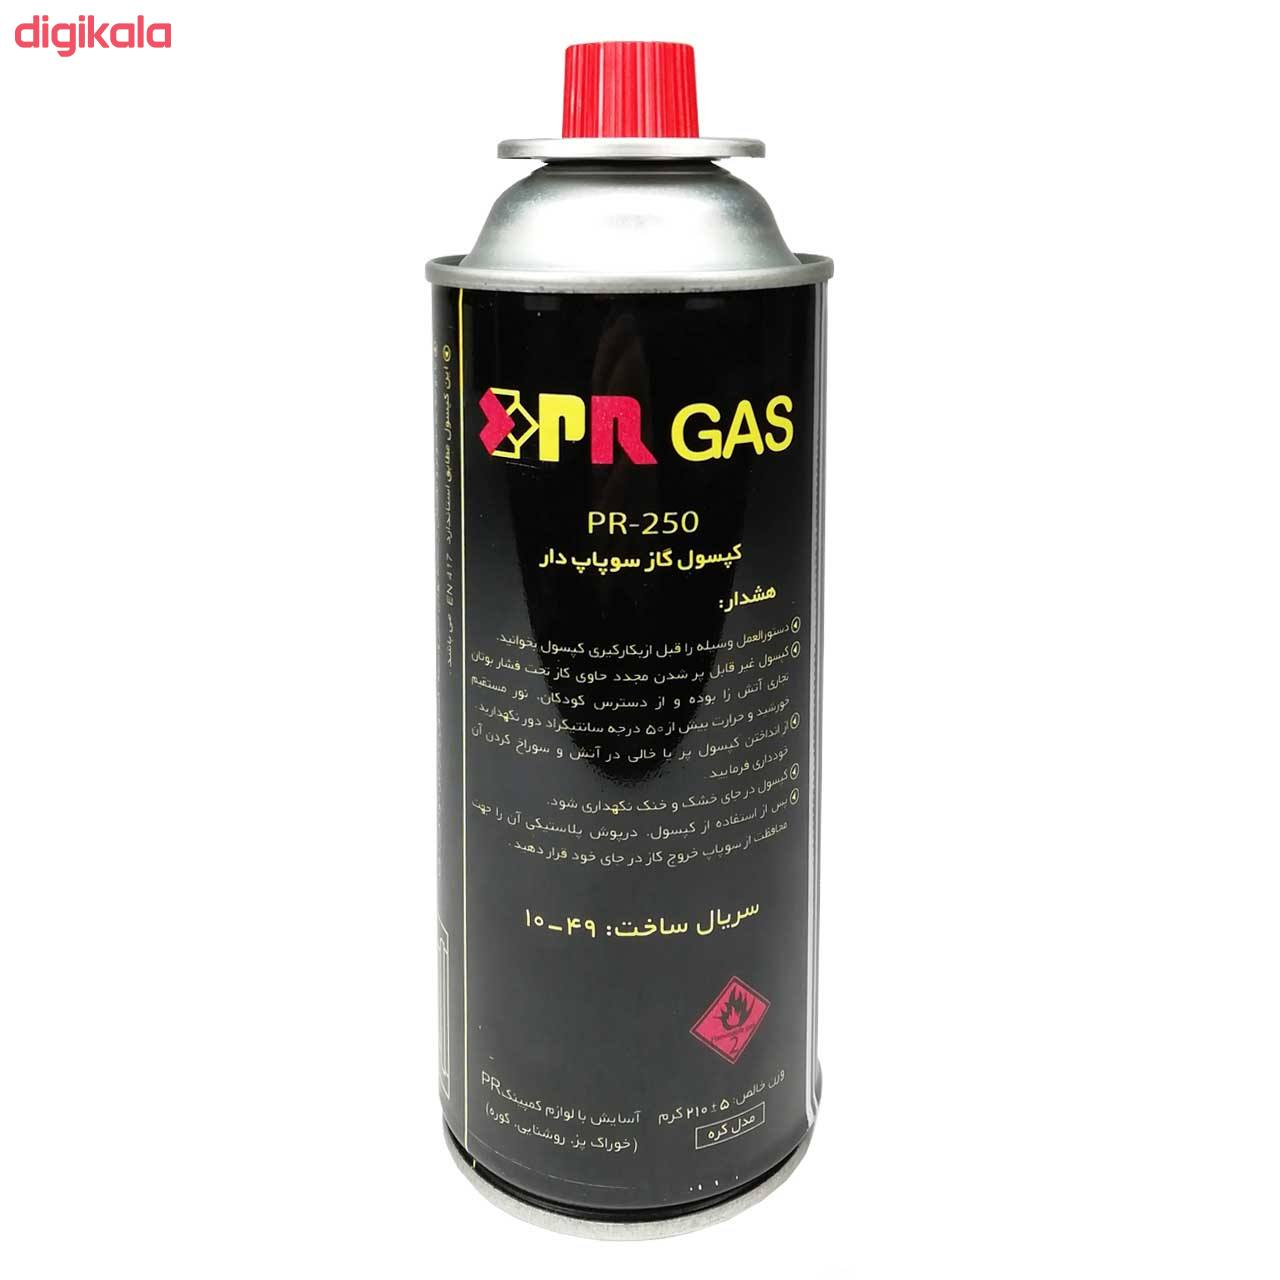 کپسول گاز بوتان 220 گرمی پارس رگلاتور مدل 1049 PR بسته 10 عددی main 1 1